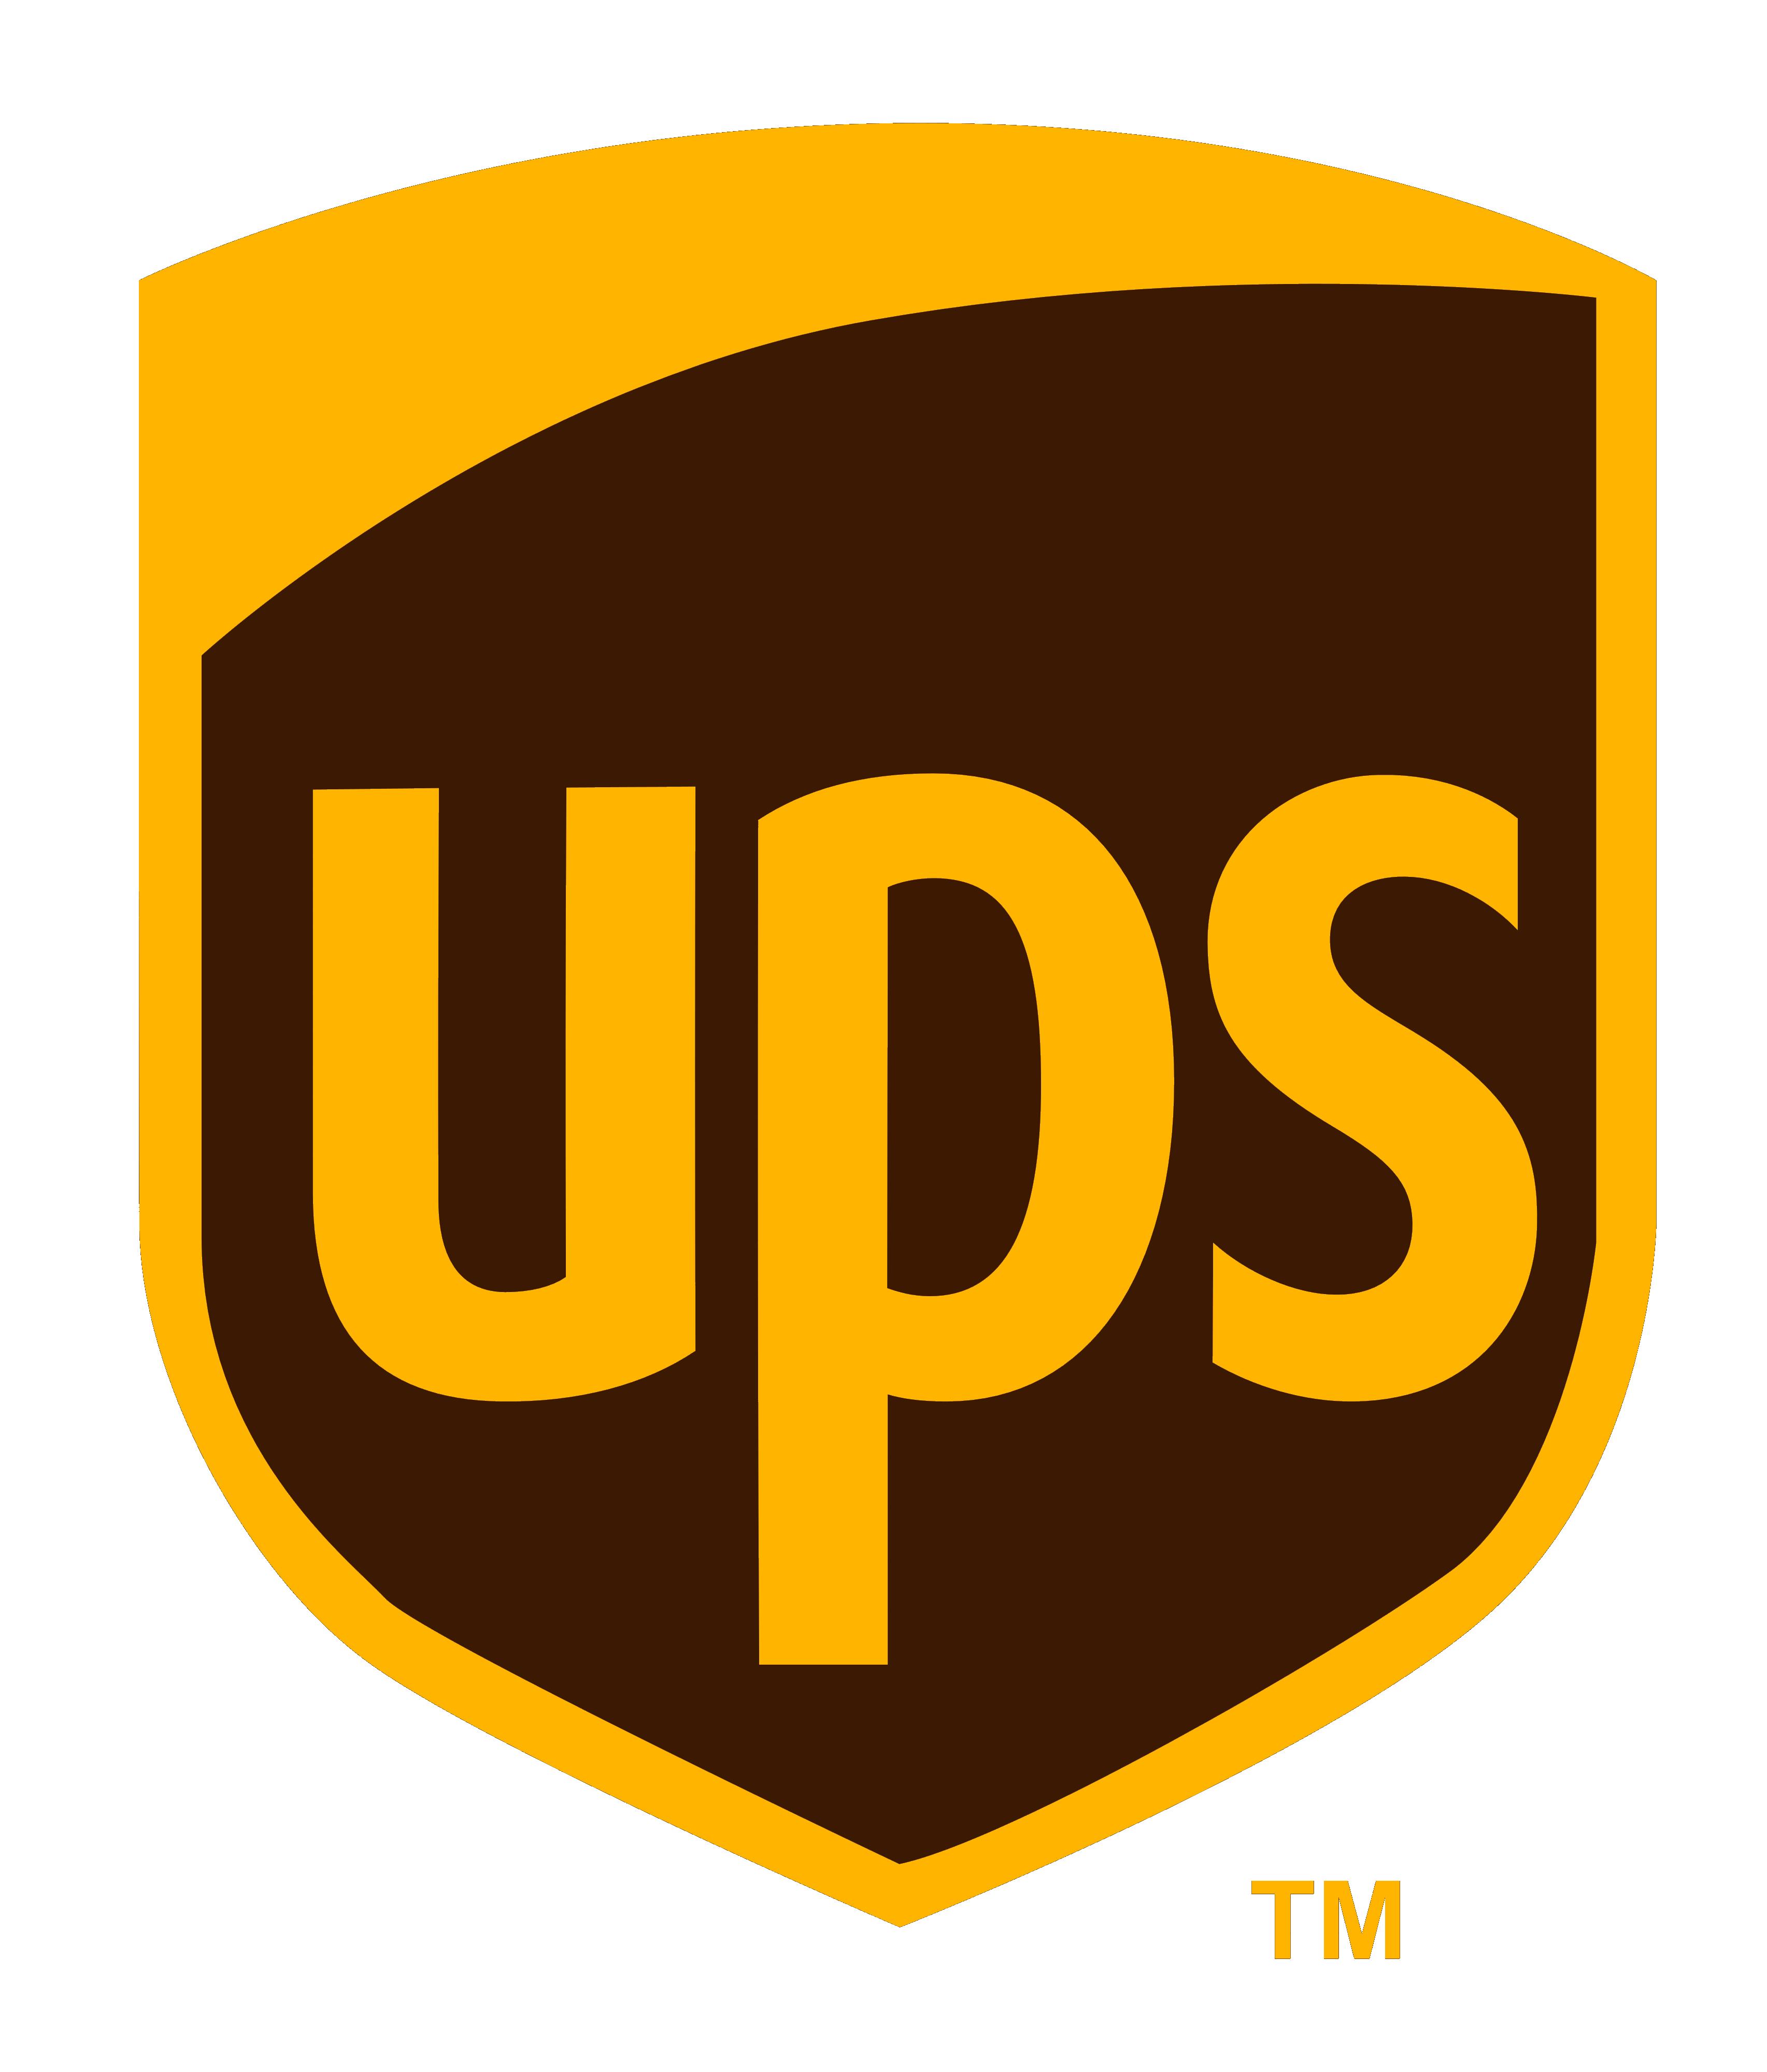 UPS_logo_logotype